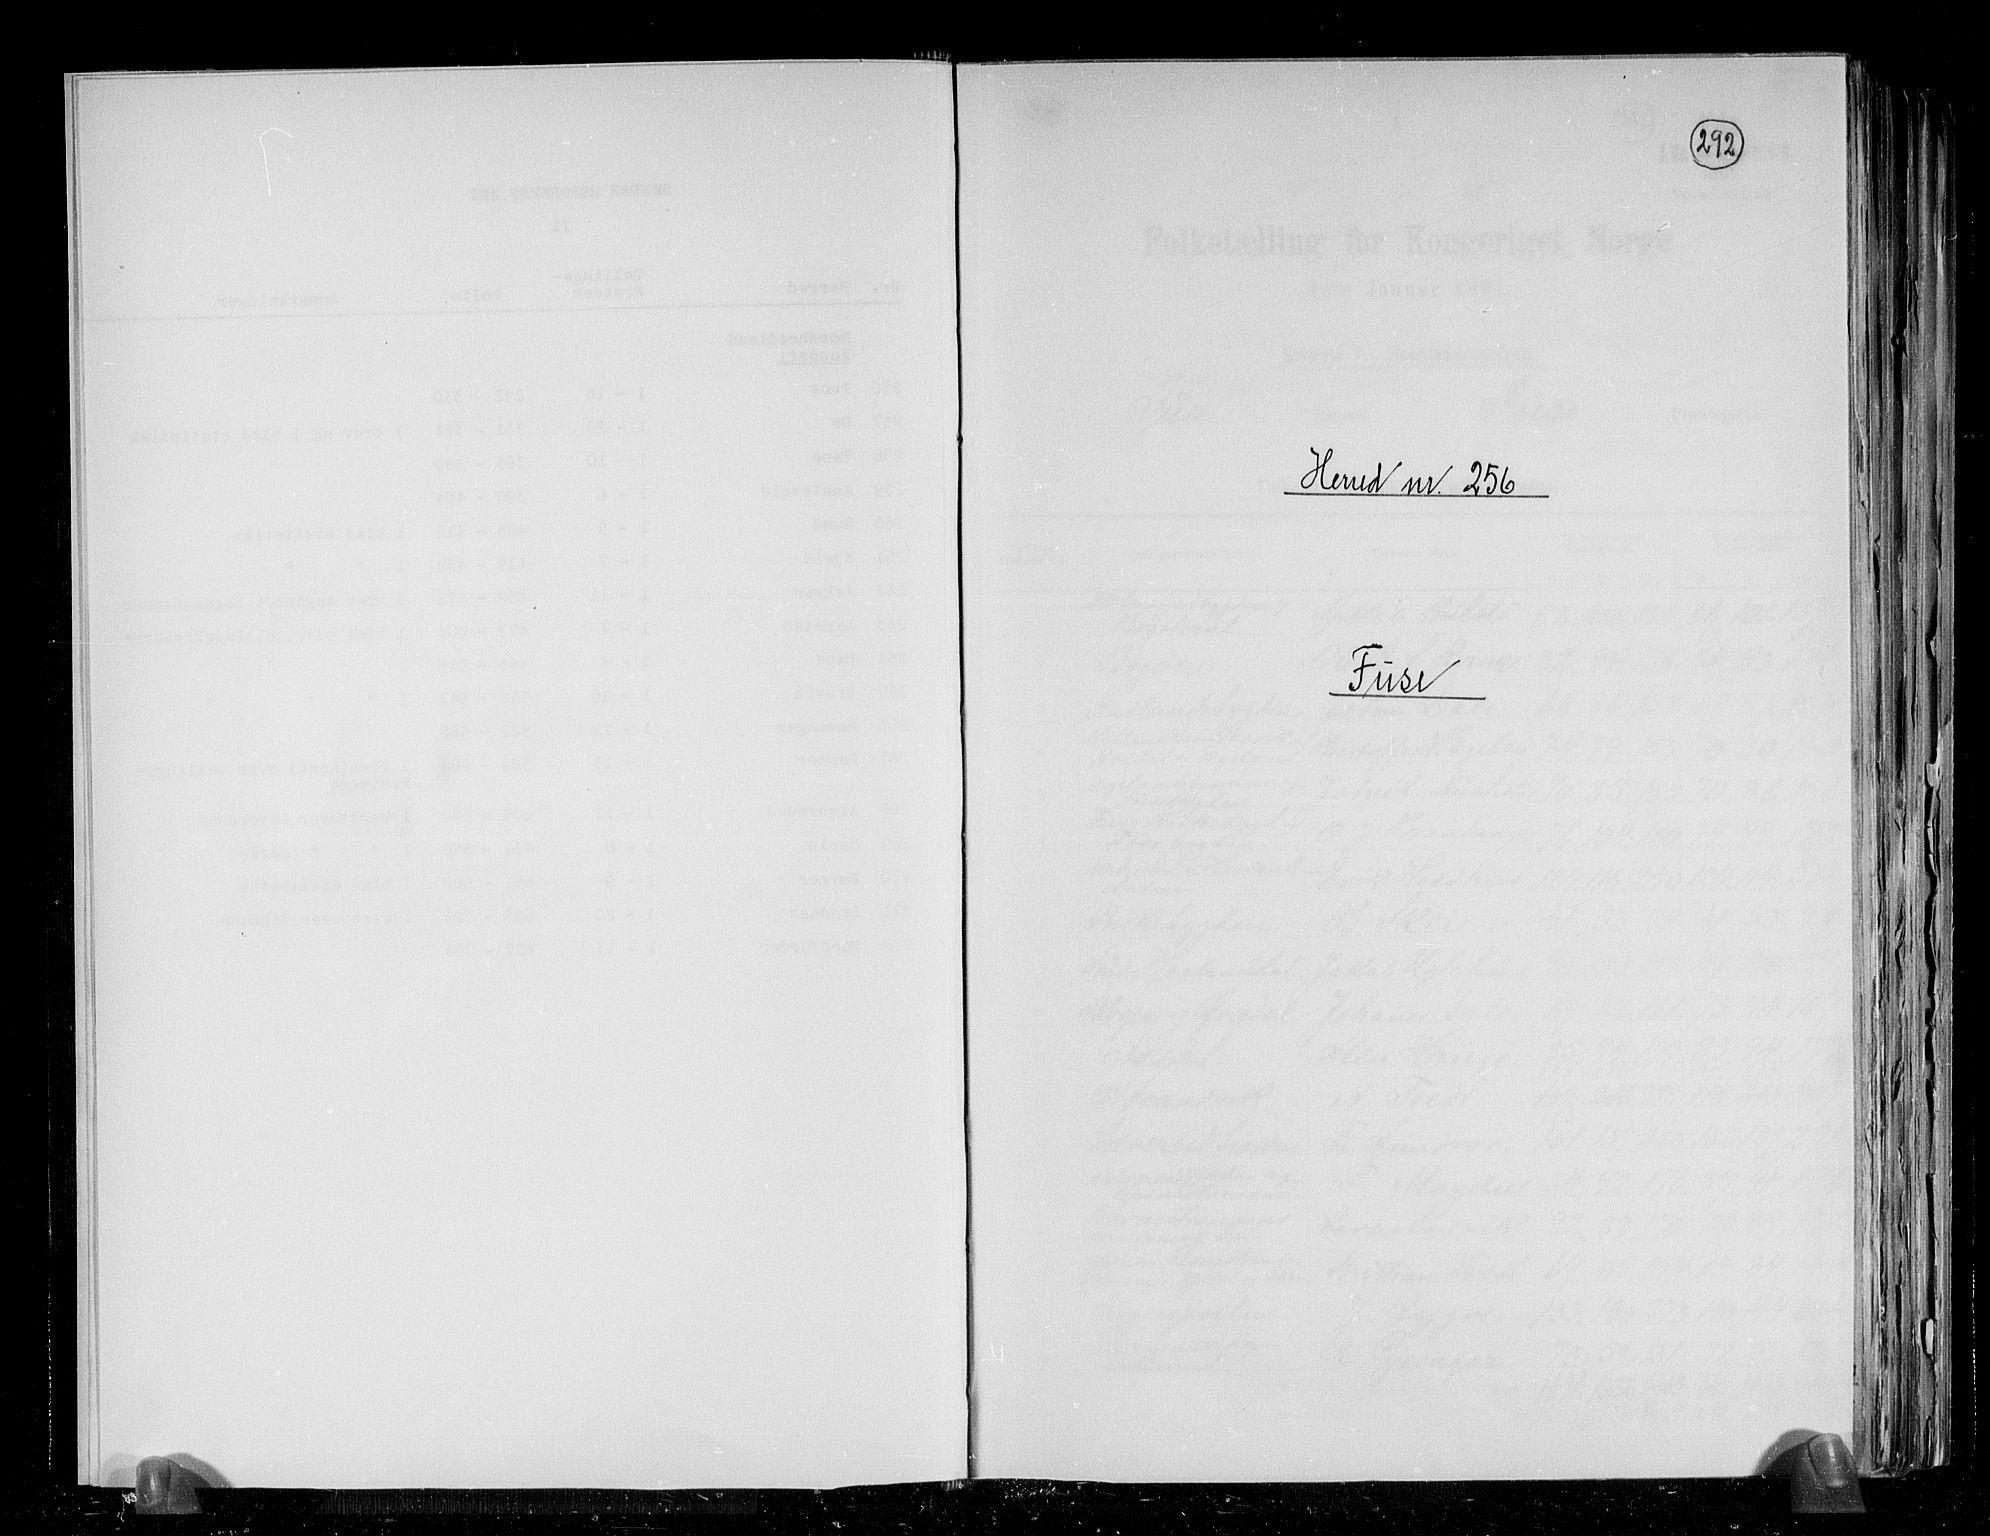 RA, Folketelling 1891 for 1241 Fusa herred, 1891, s. 1